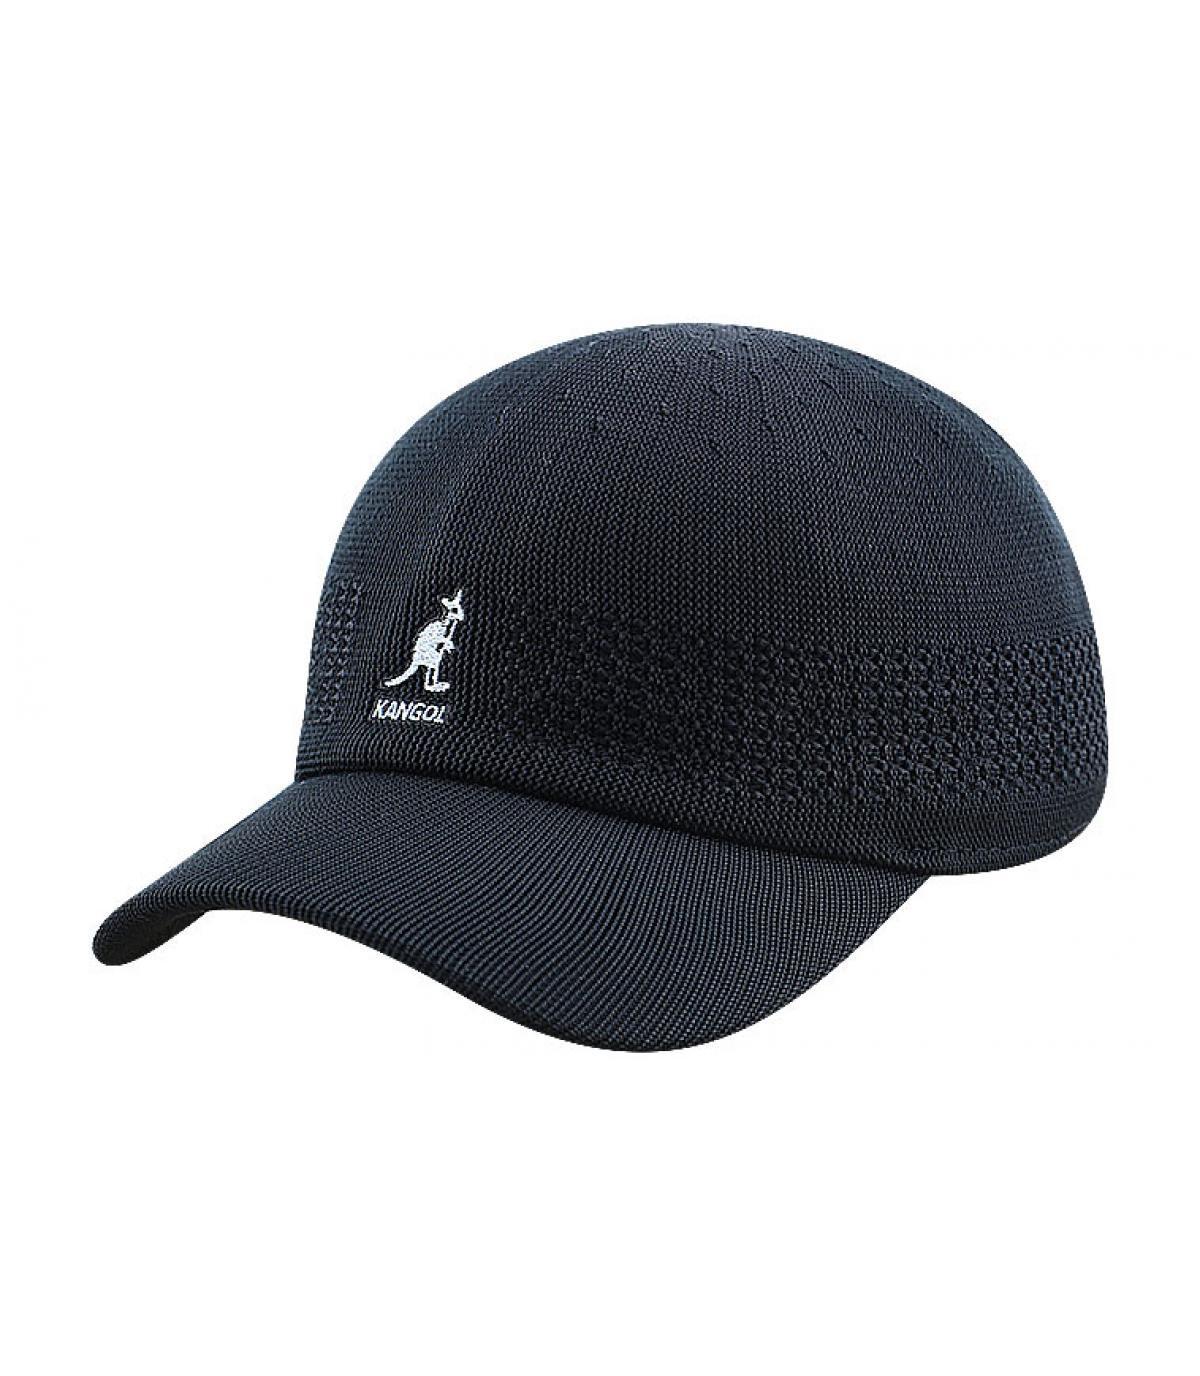 kangol zwarte trucker cap